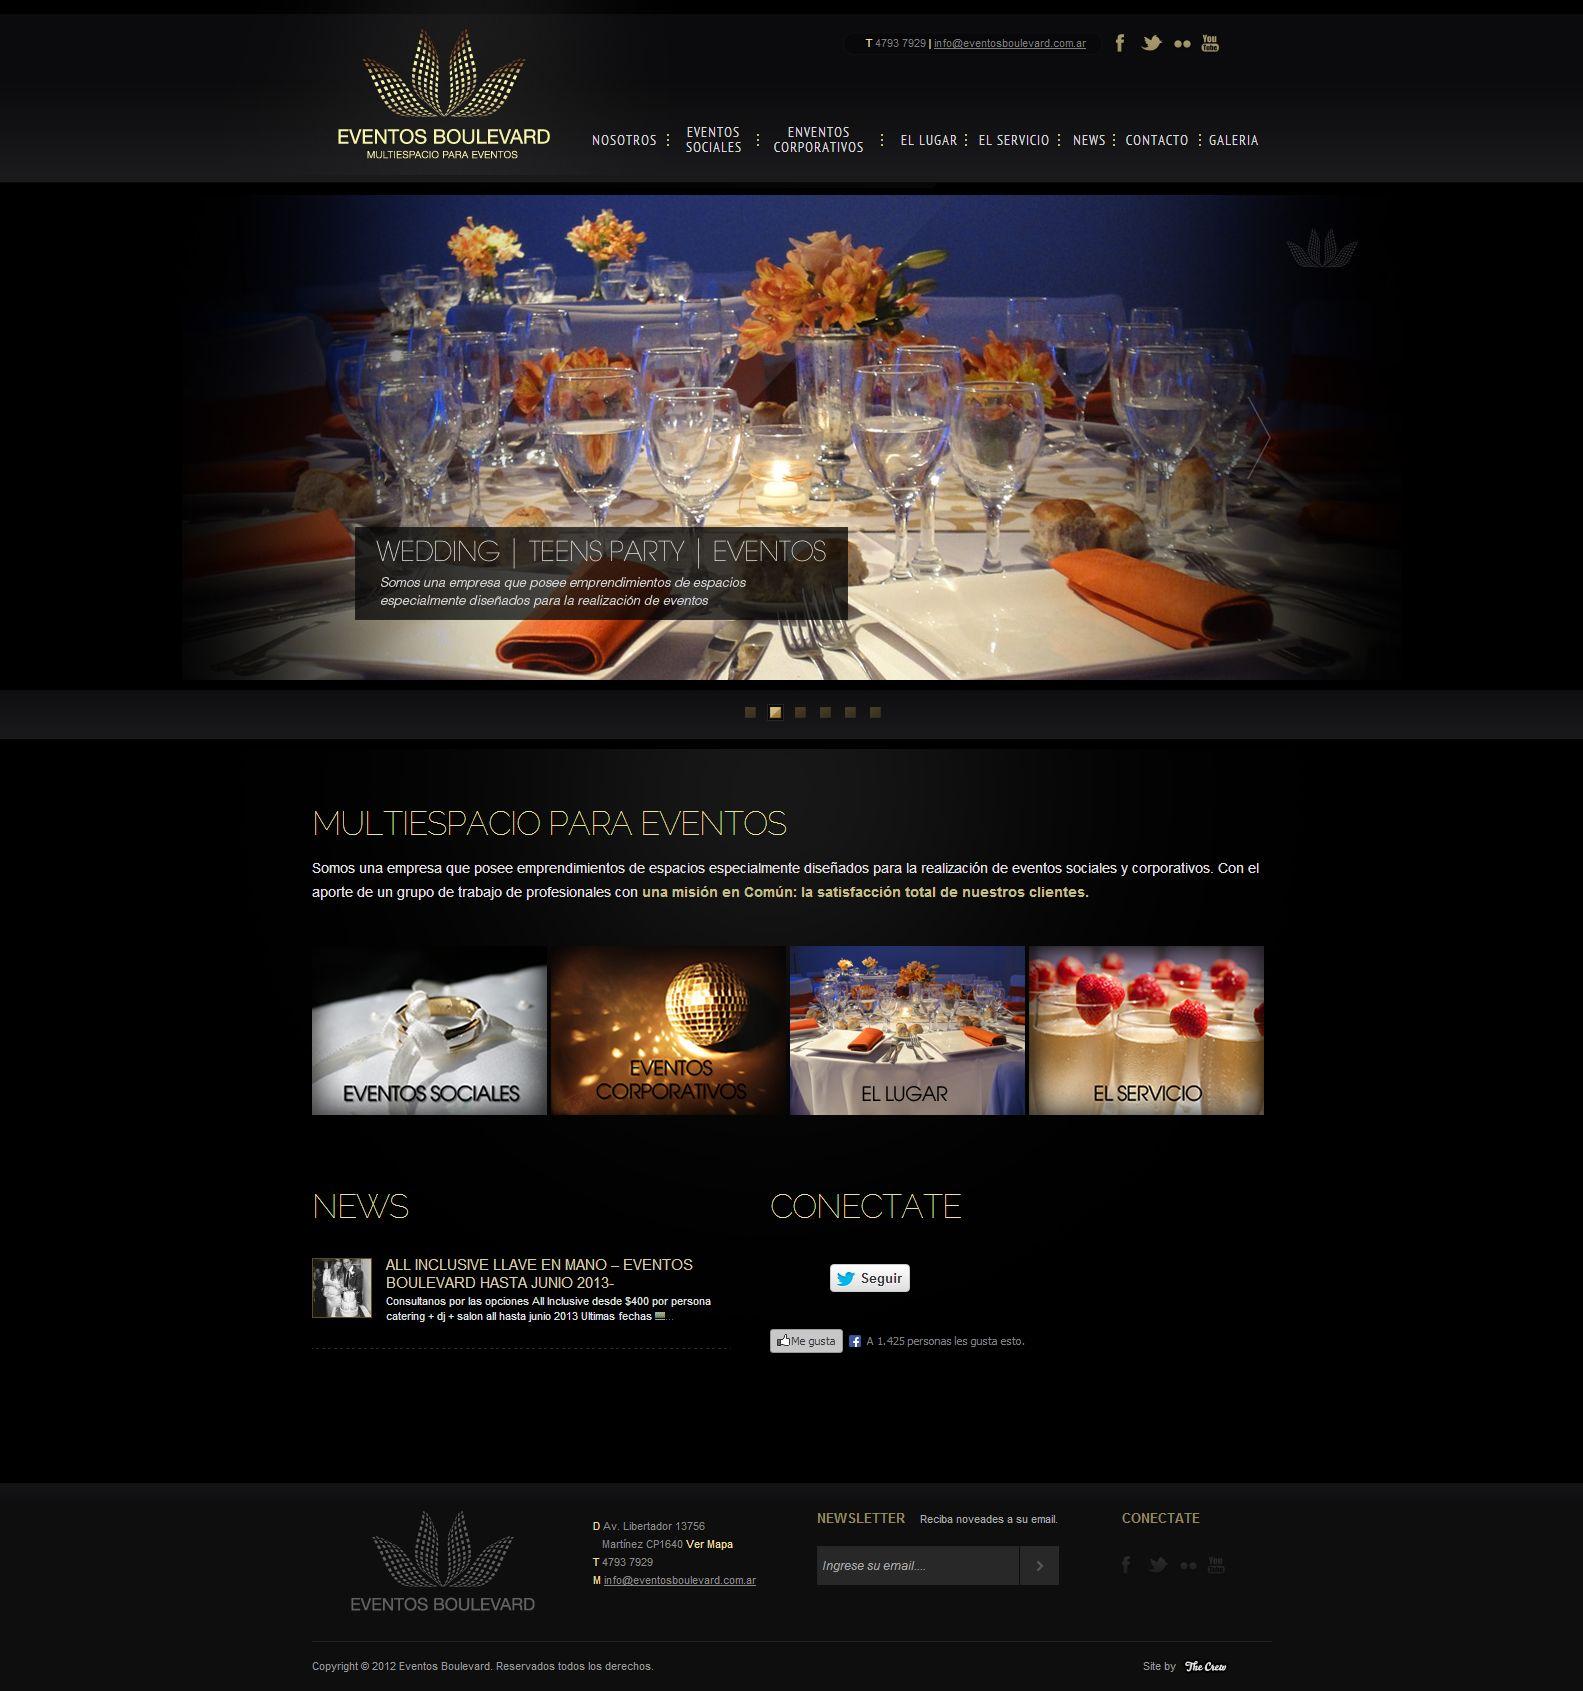 eventosboulevard.com.ar